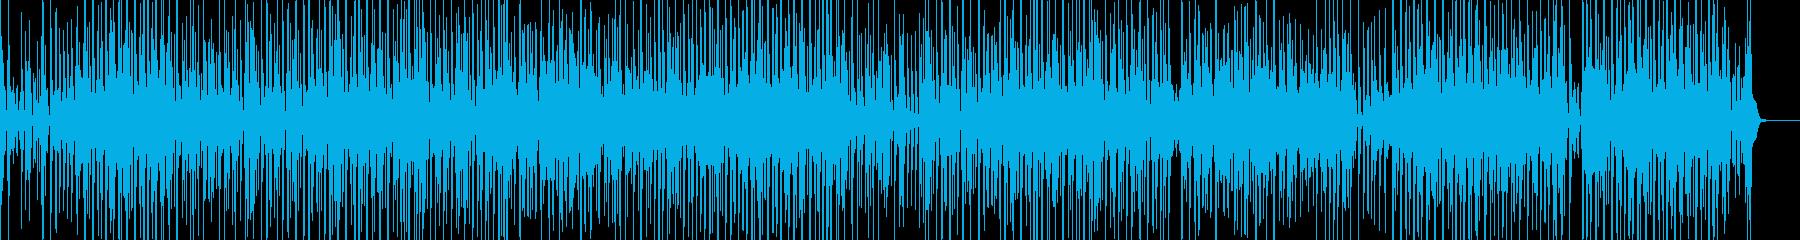 ファンキーな琴・三味線ヒップホップの再生済みの波形